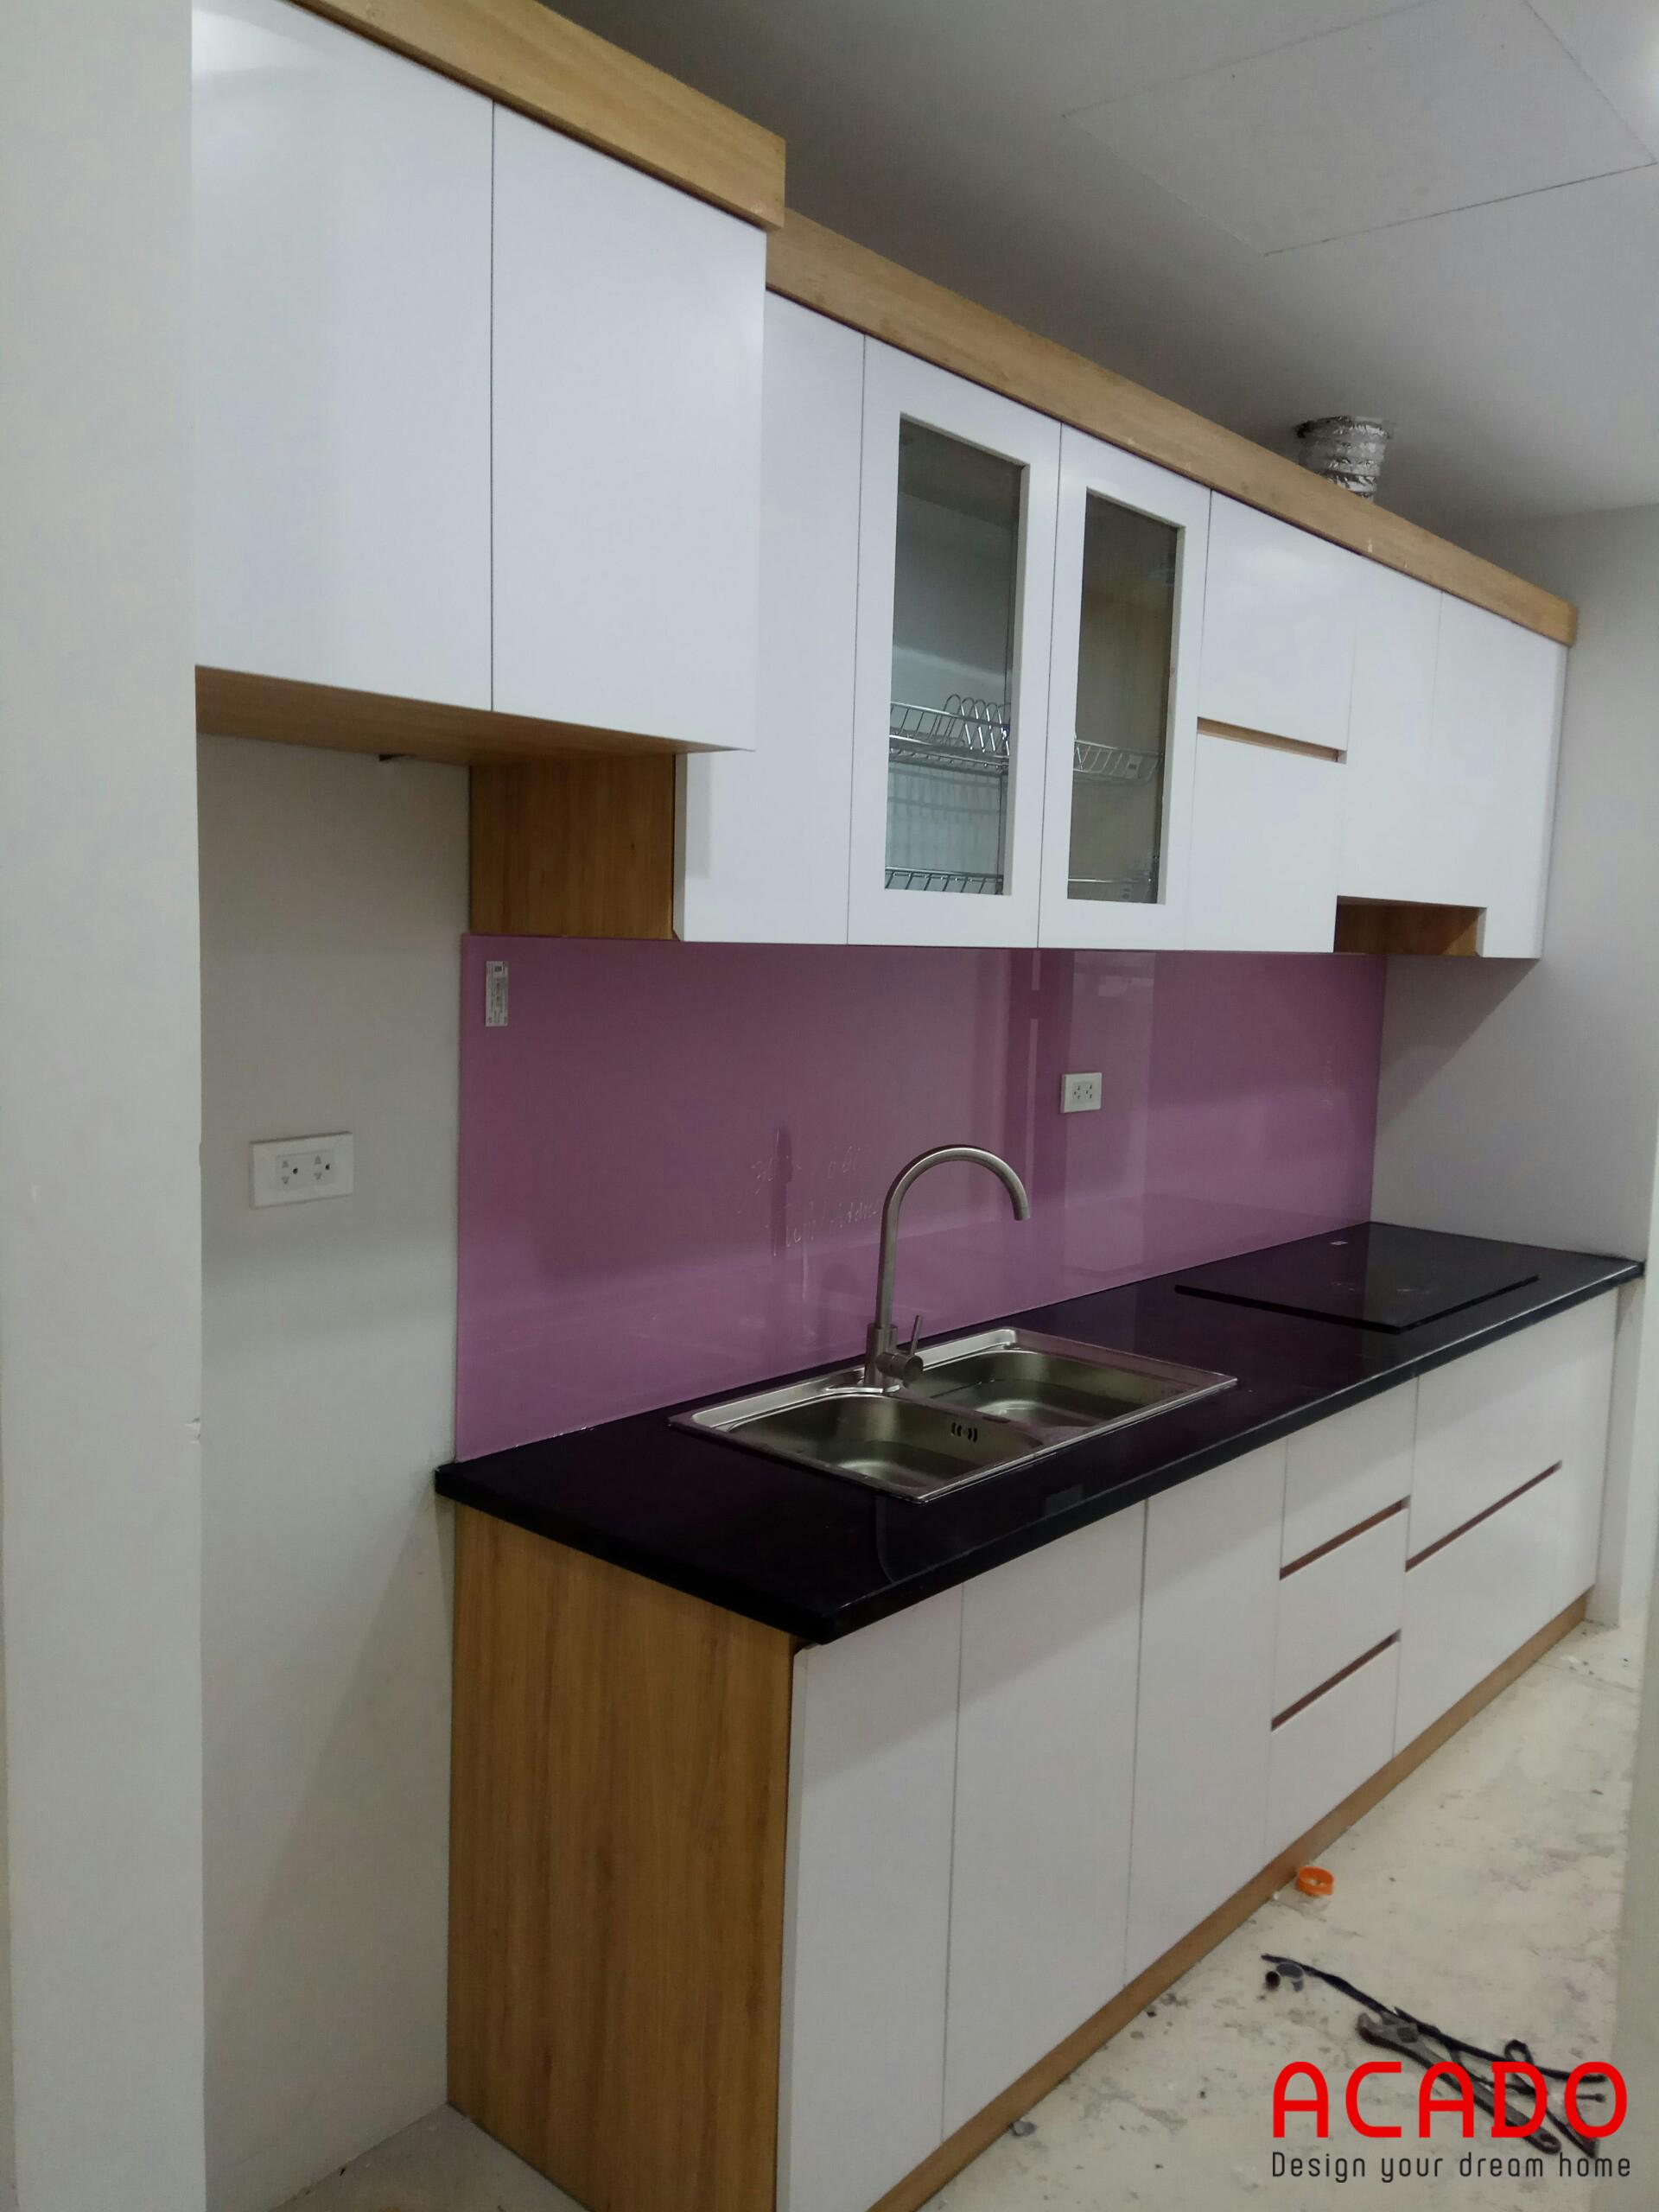 Mẫu tủ bếp Melamine màu trắng với điểm nhấn là kính ốp màu tím cá tính, hiện đại